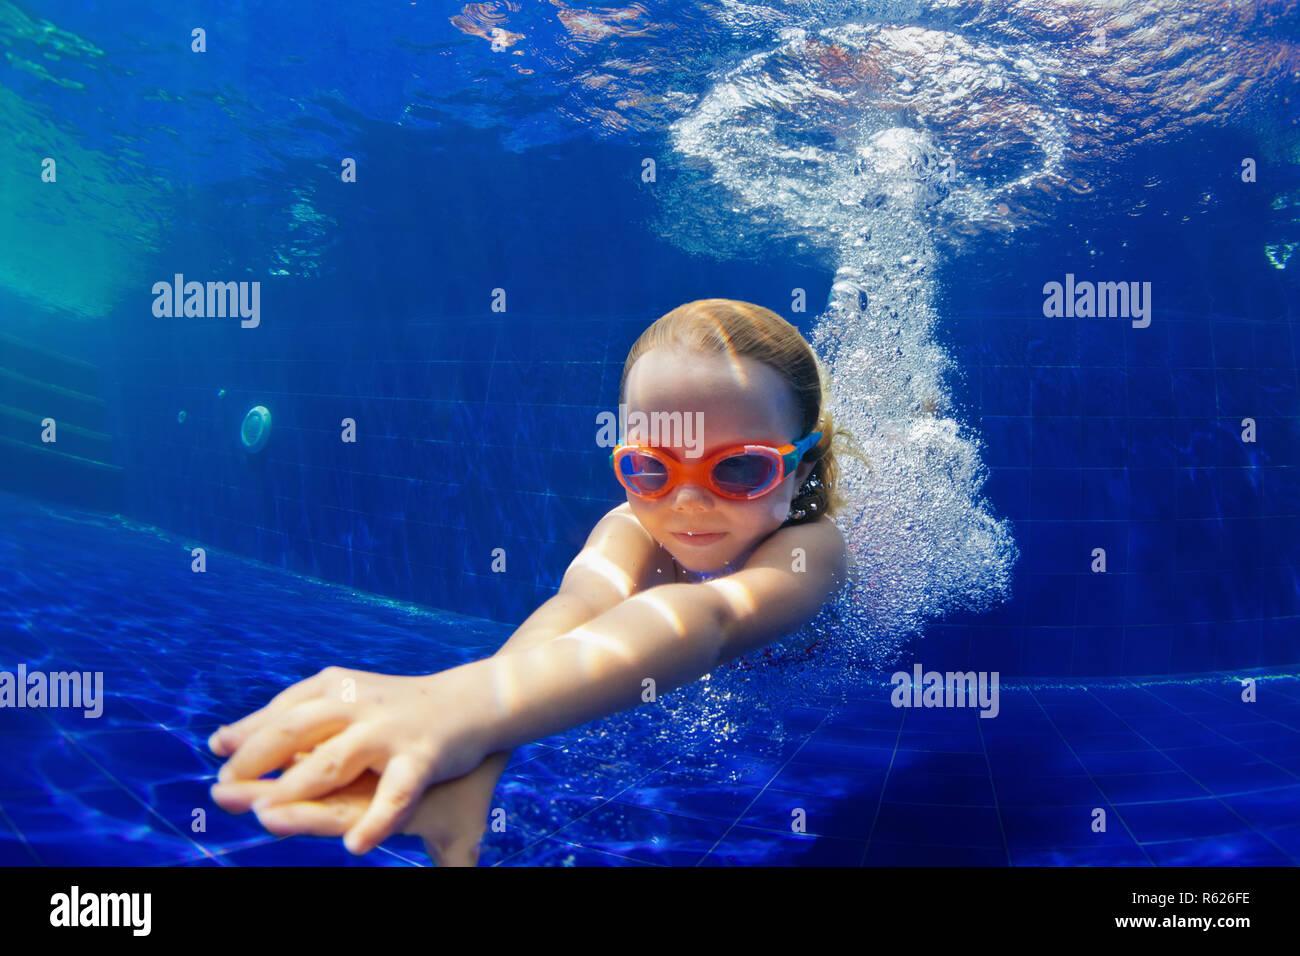 Familia feliz en la piscina. Niño sonriente en gafas de bucear, nadar en la piscina con la diversión - saltar profundidades submarinas. Estilo de vida saludable, la gente deporte acuático Foto de stock